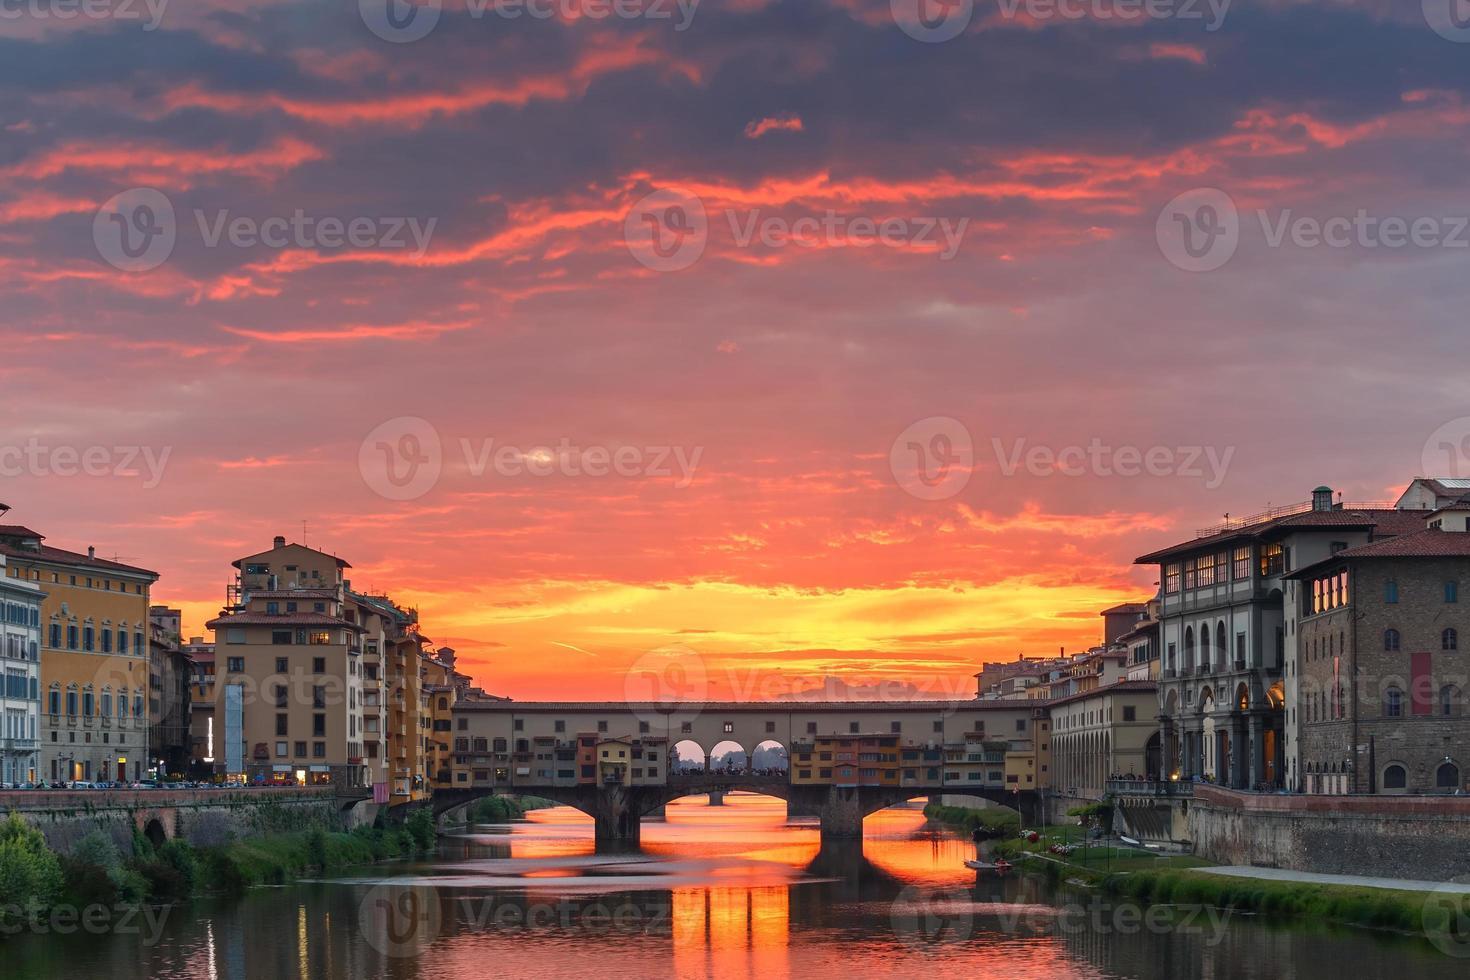 Arno und Ponte Vecchio bei Sonnenuntergang, Florenz, Italien foto